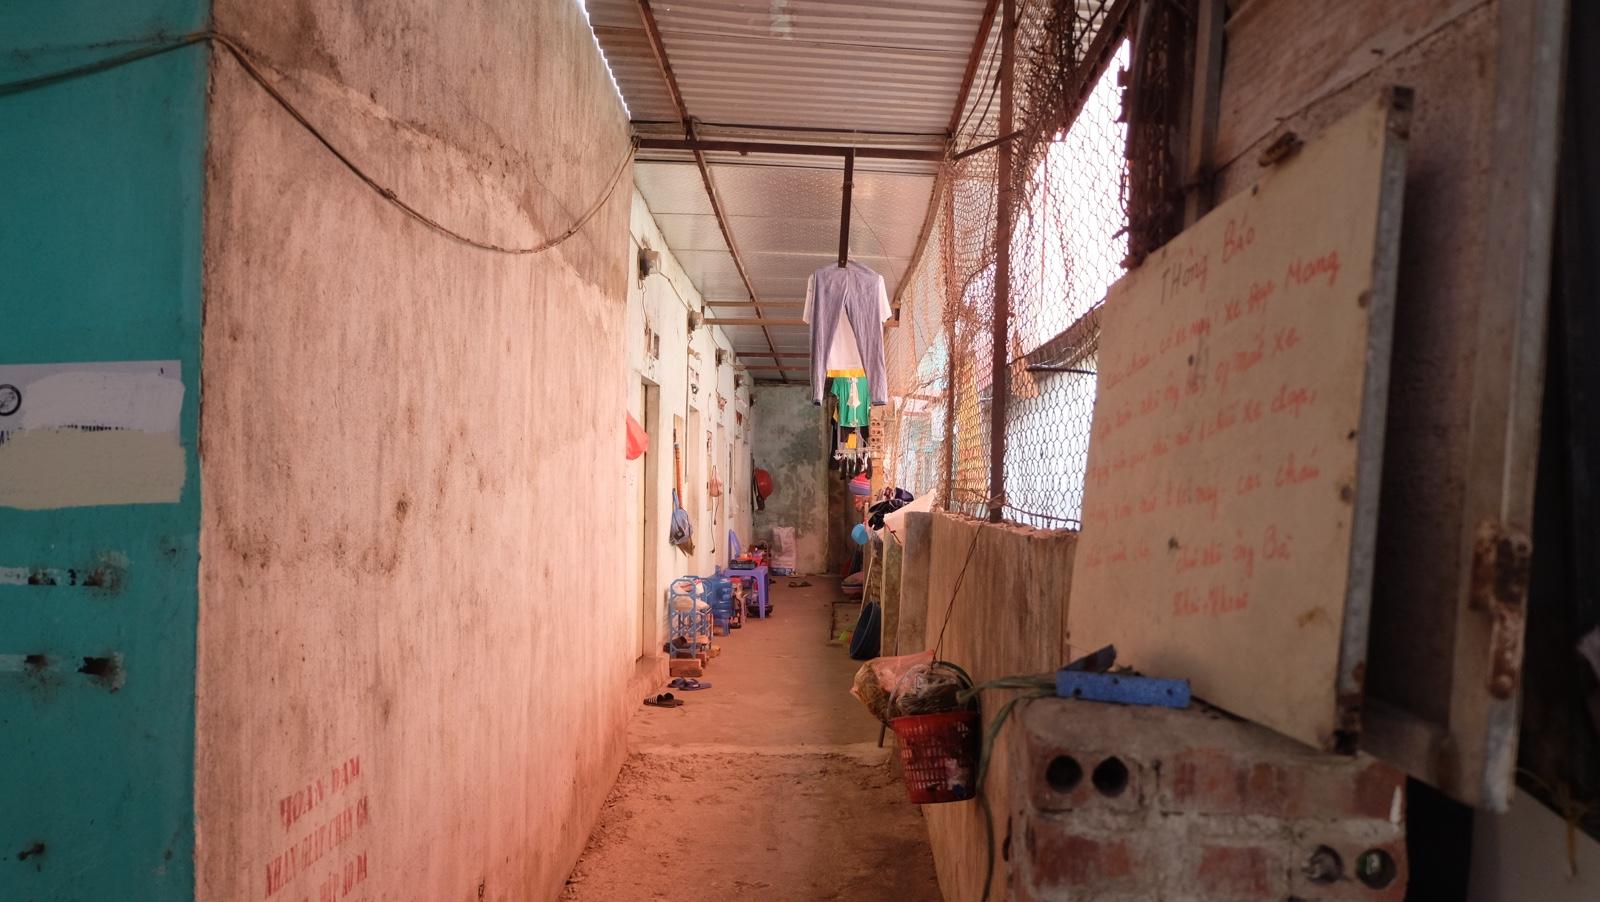 Workers in Vietnam - New Naratif